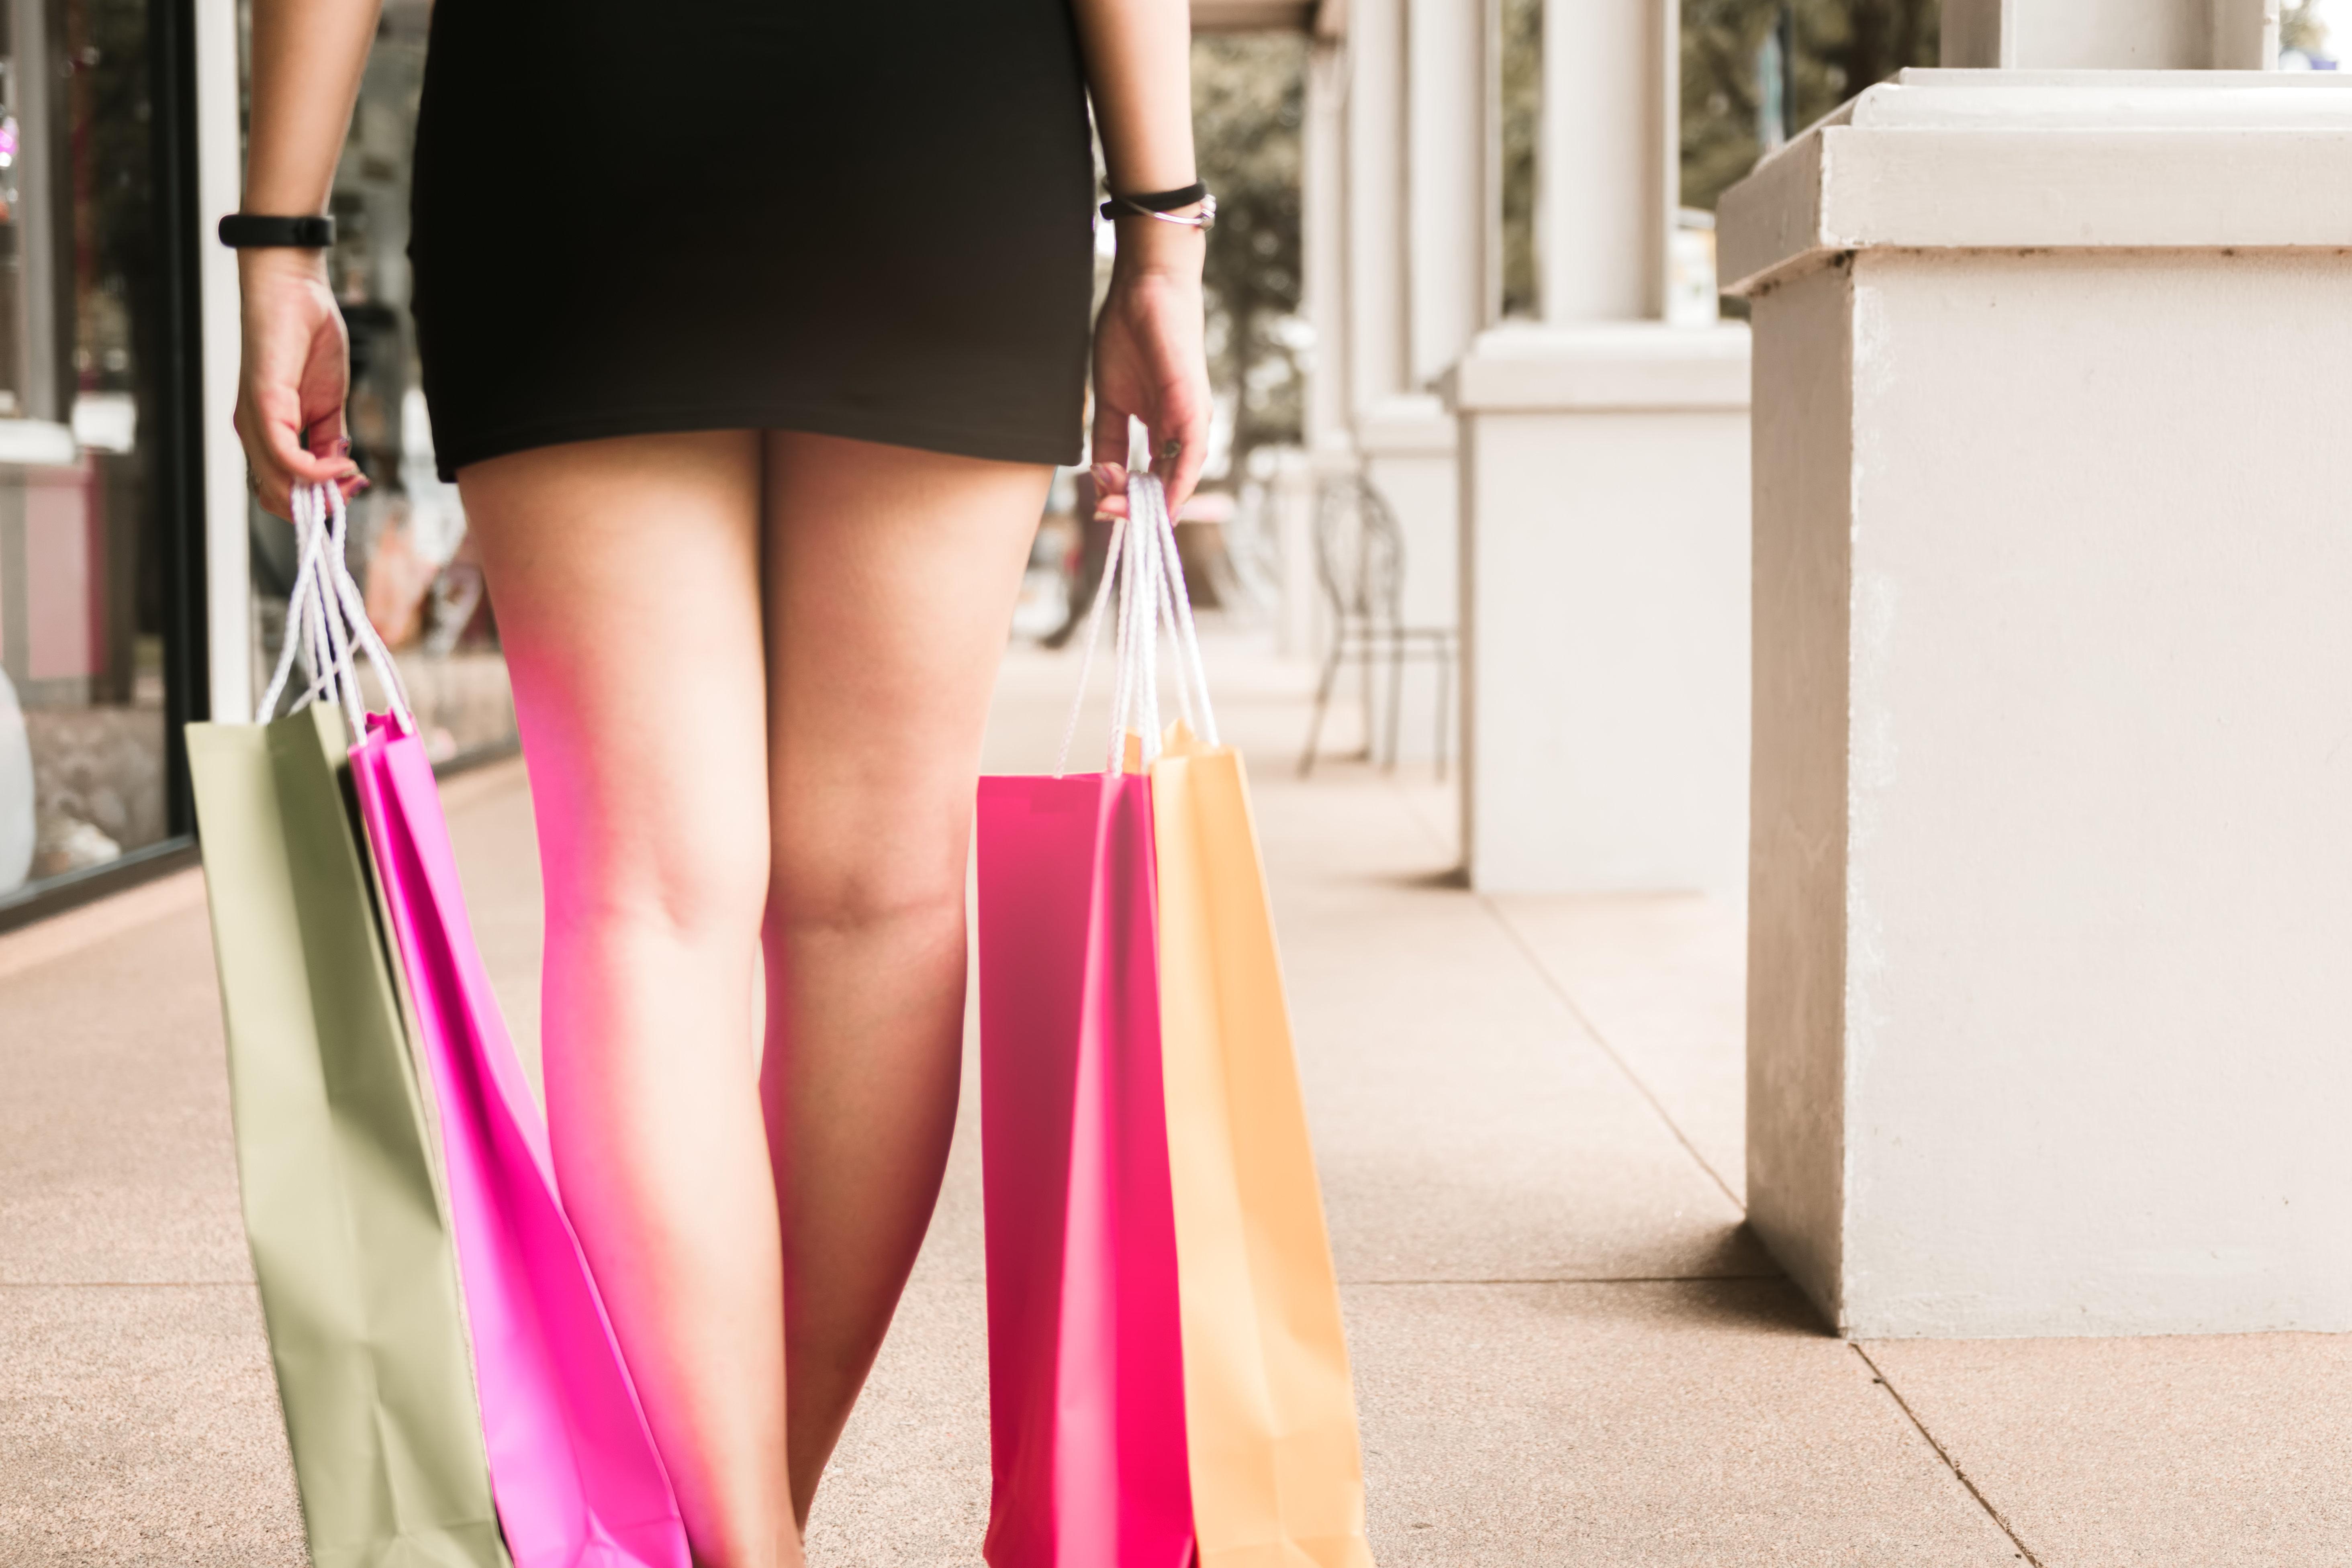 Frau shoppt für 18 Millionen Euro – obwohl sie arbeitslos gewesen sein